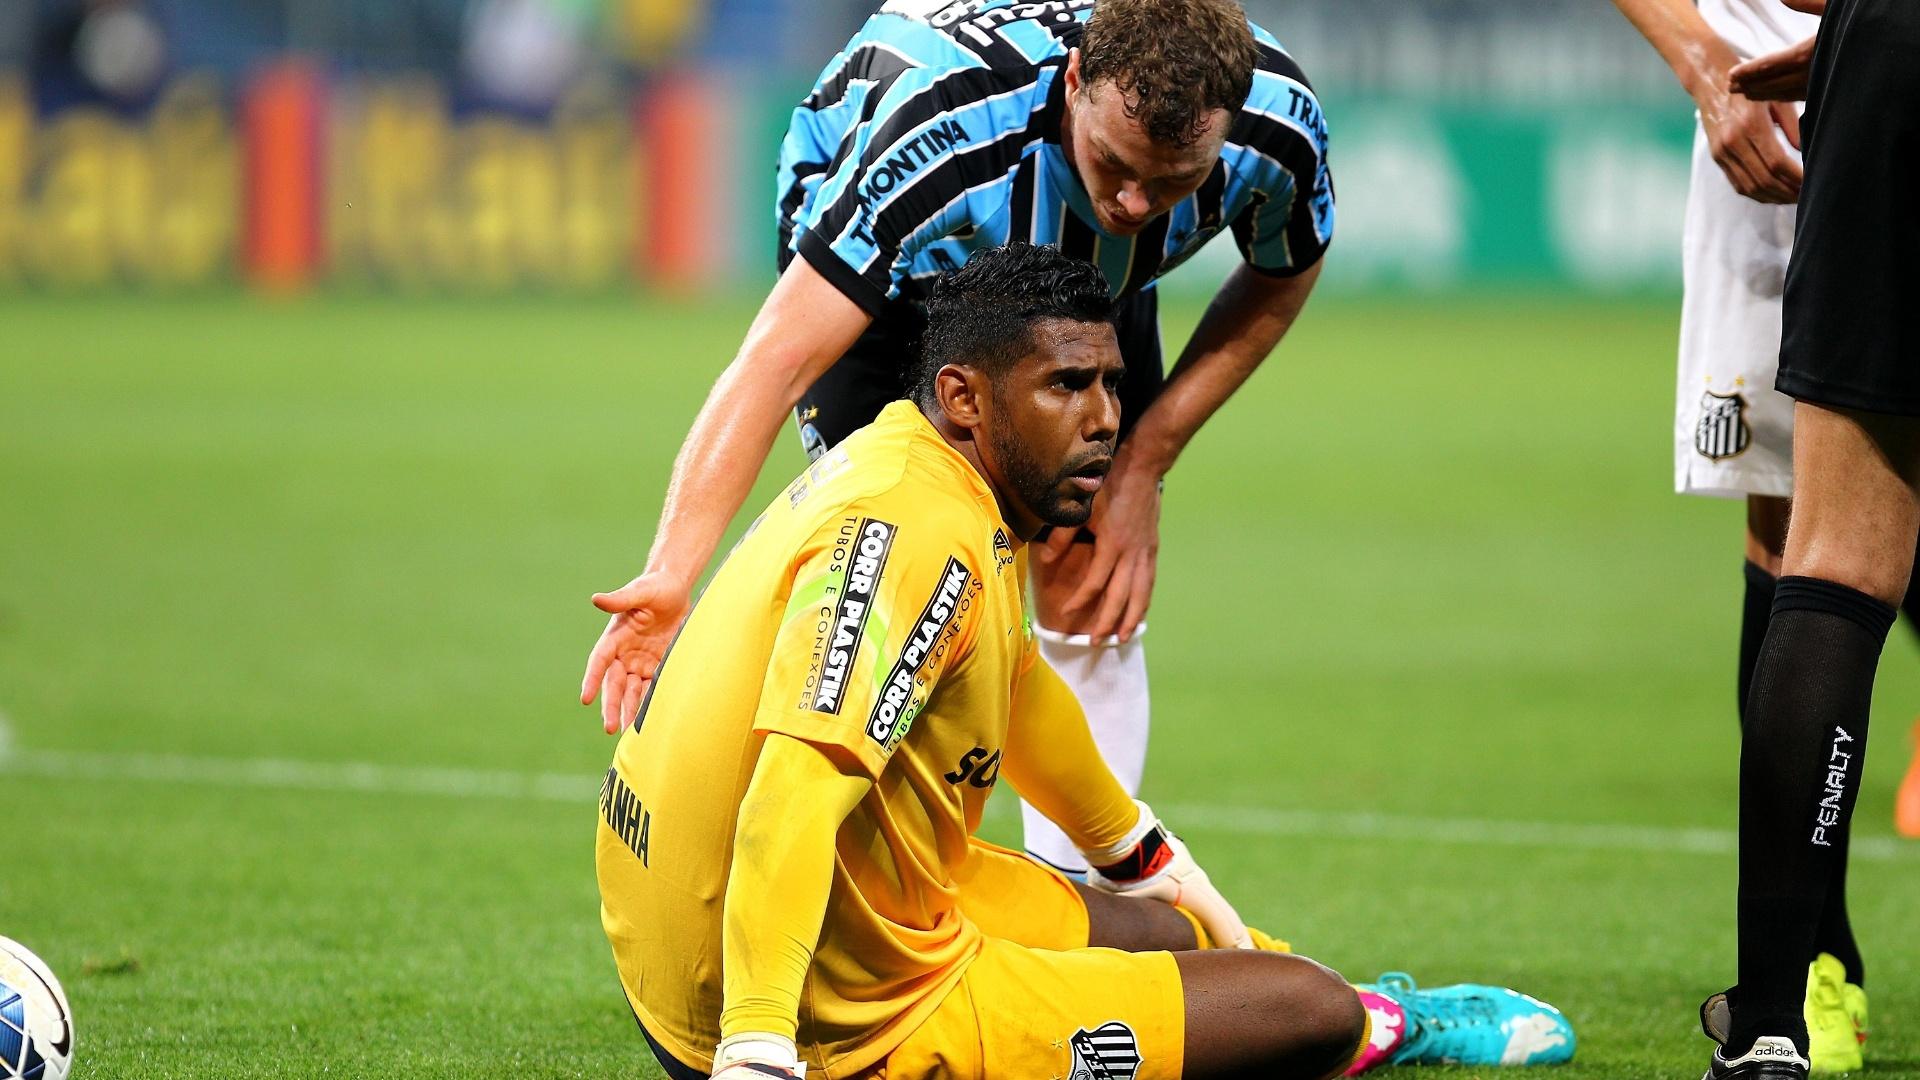 Aranha fica caído no gramado após choque com jogador do Grêmio em duelo do Santos